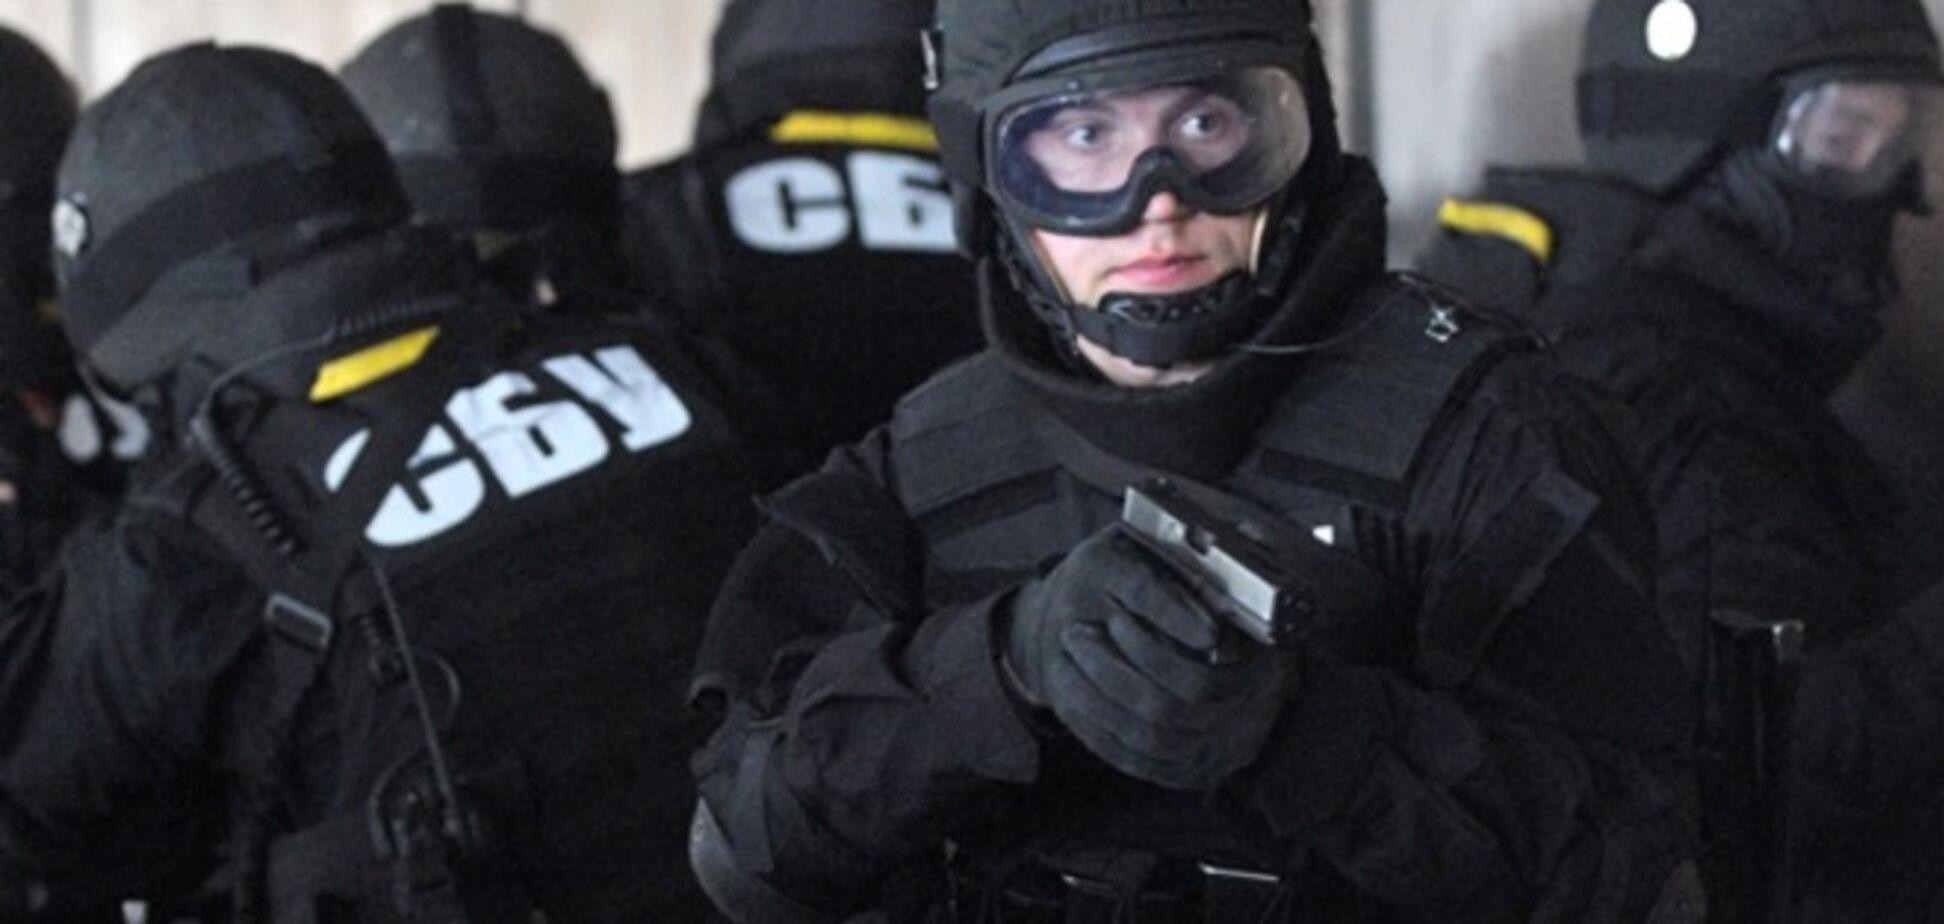 СБУ задержала жителя Лисичанска, подозреваемого в госизмене